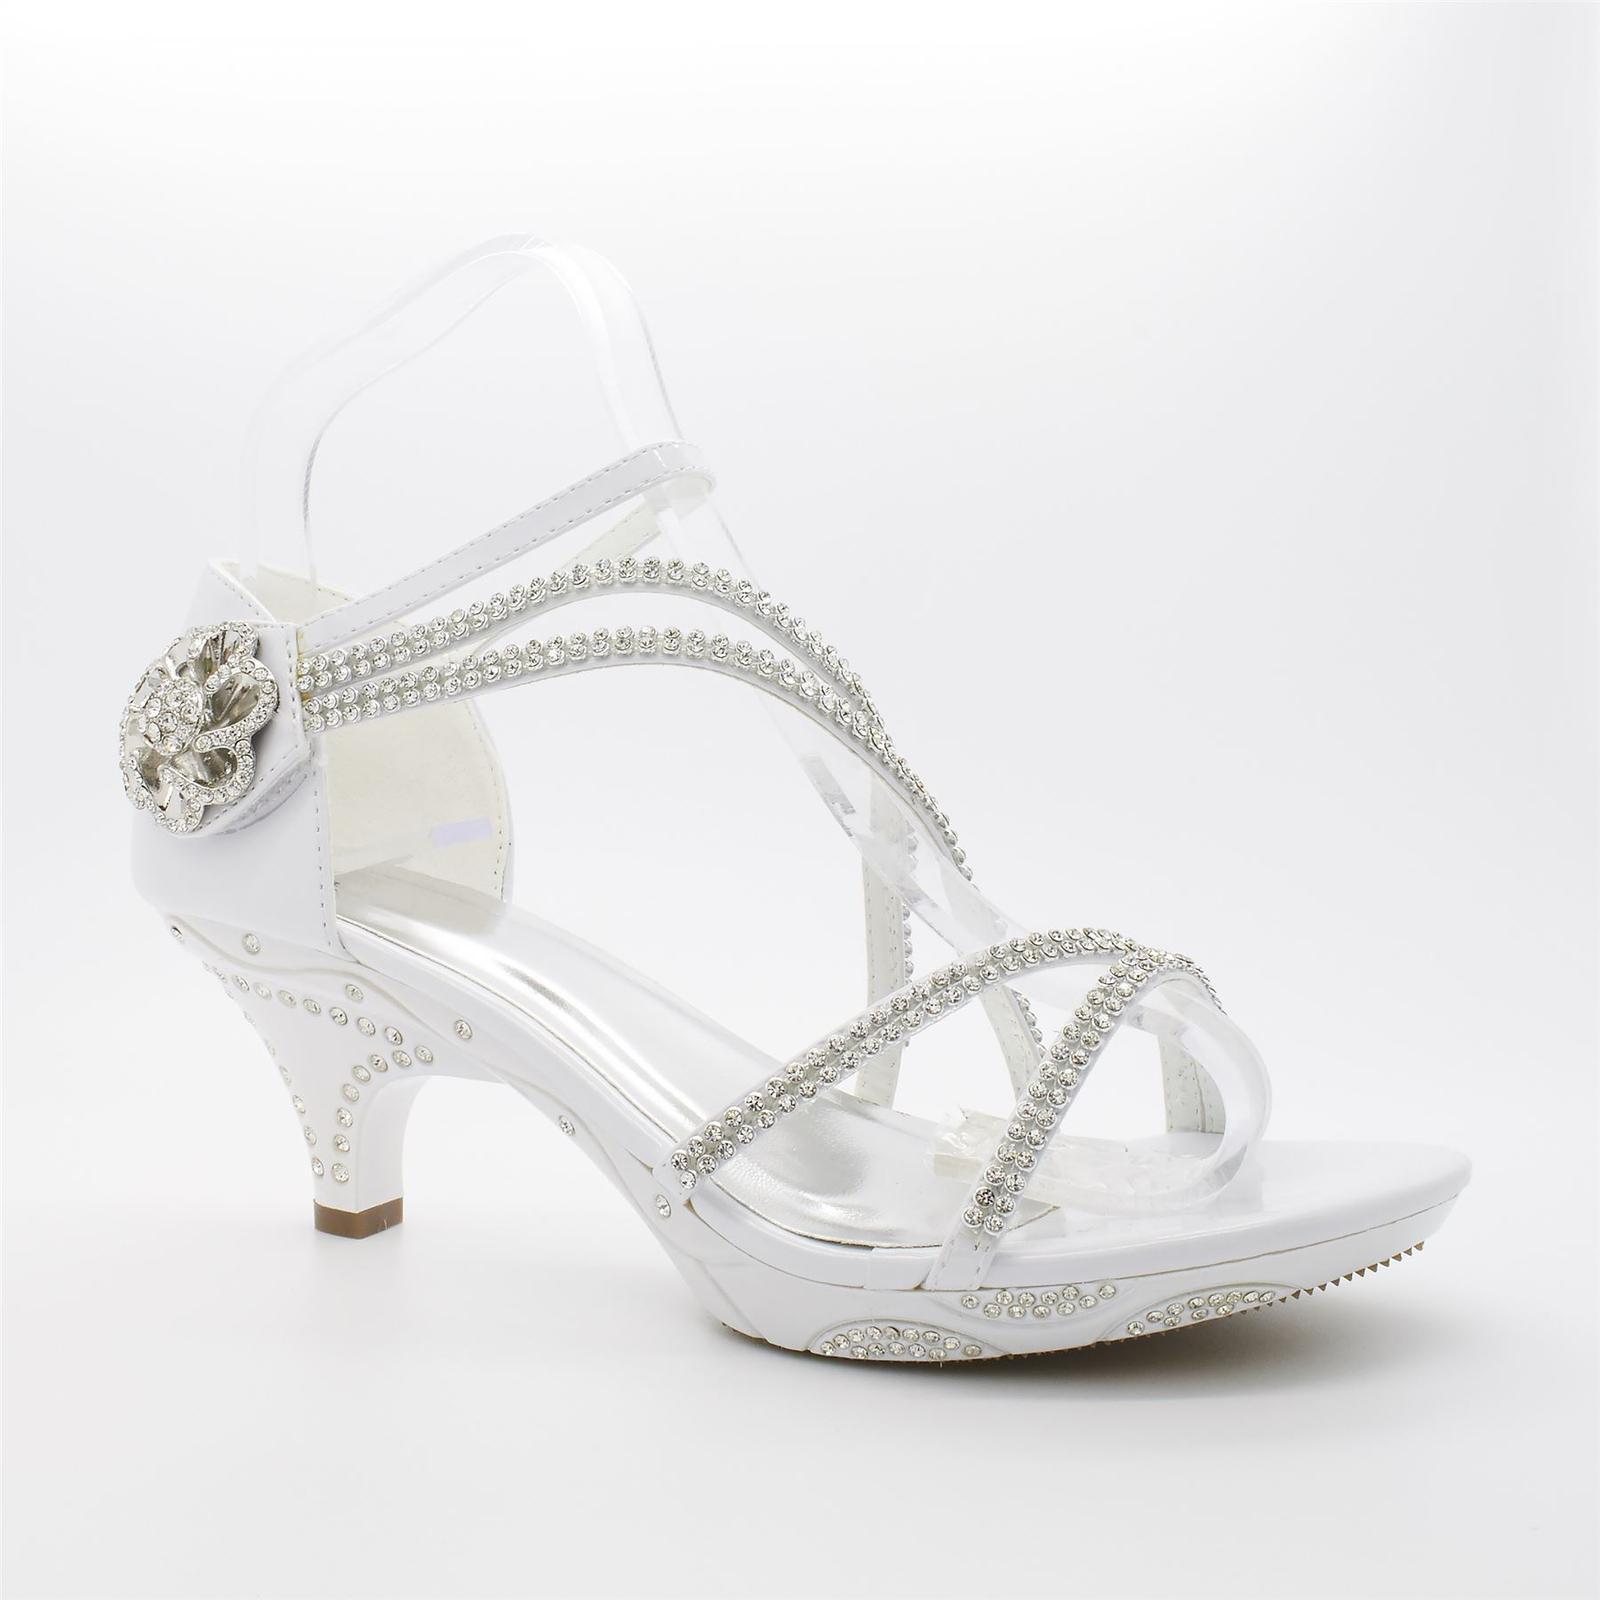 Bílé svatební sandálky, nízký podpatek - Obrázek č. 1